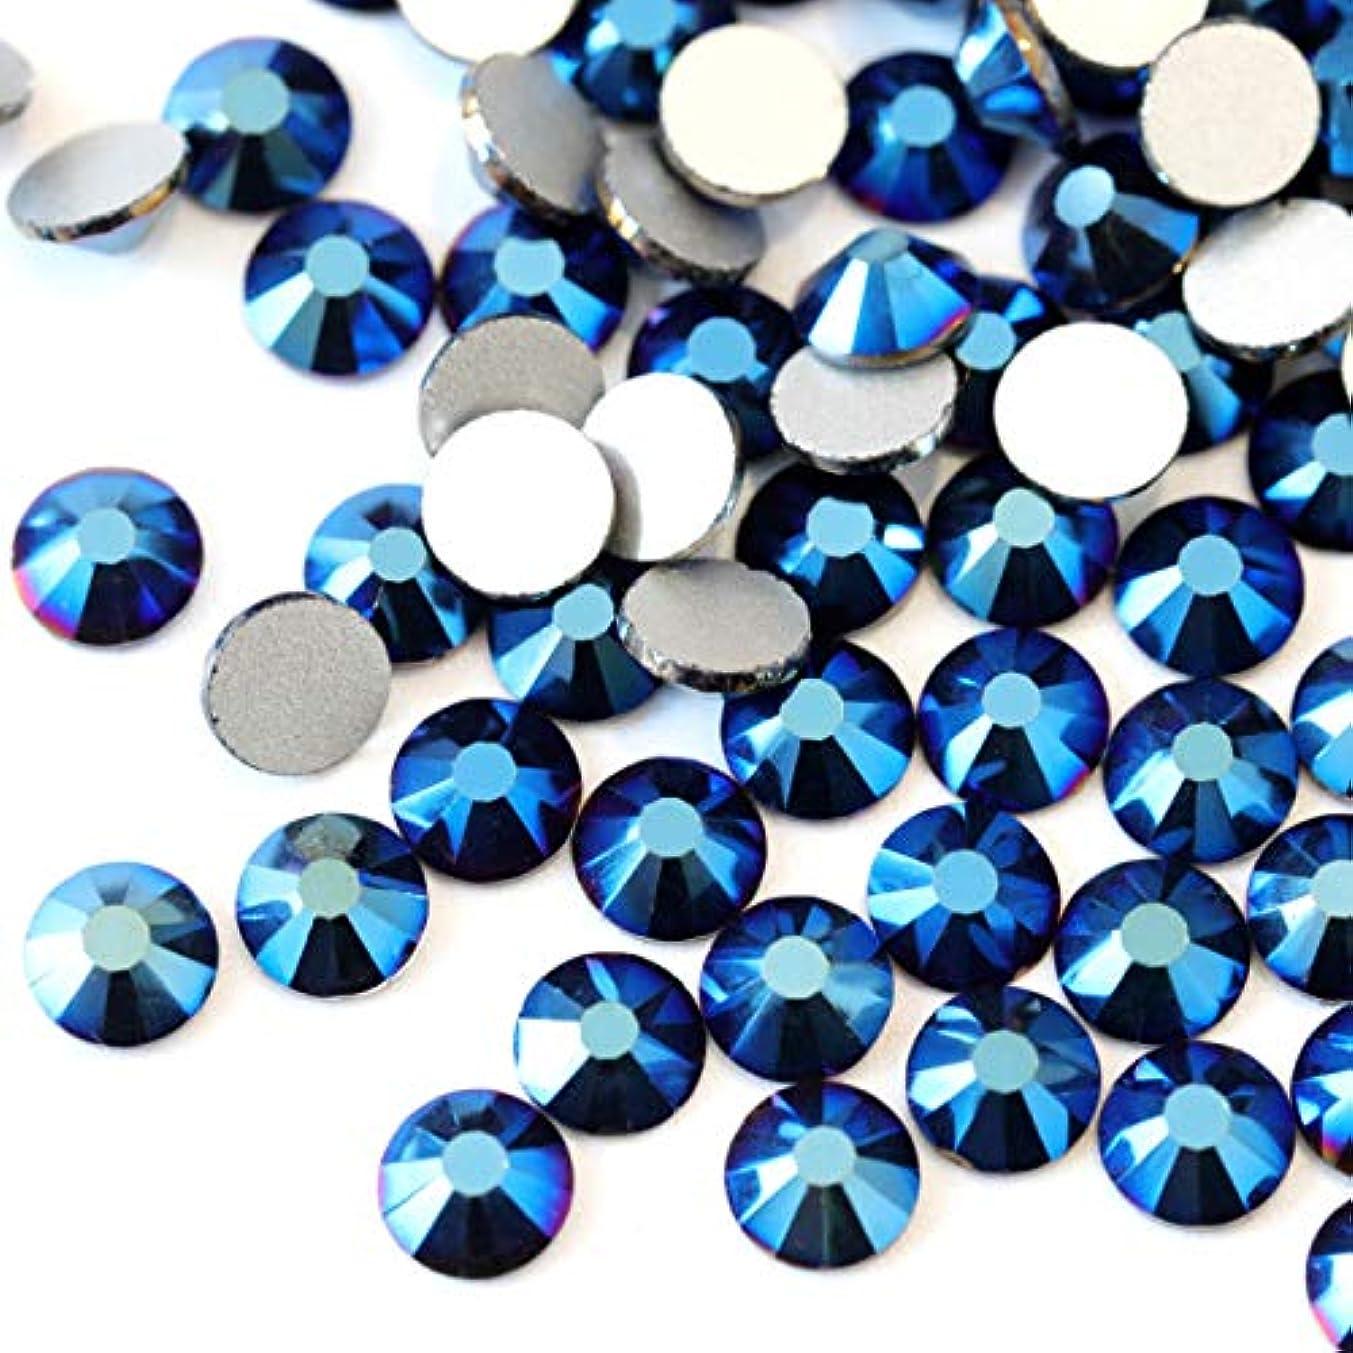 おじさんジョージスティーブンソン衛星【ラインストーン77】高品質ガラス製ラインストーン 色/サイズ選択可 SS3~SS50 スワロフスキー同等 (メタリックブルー, SS8:約2.2mm(約200粒))